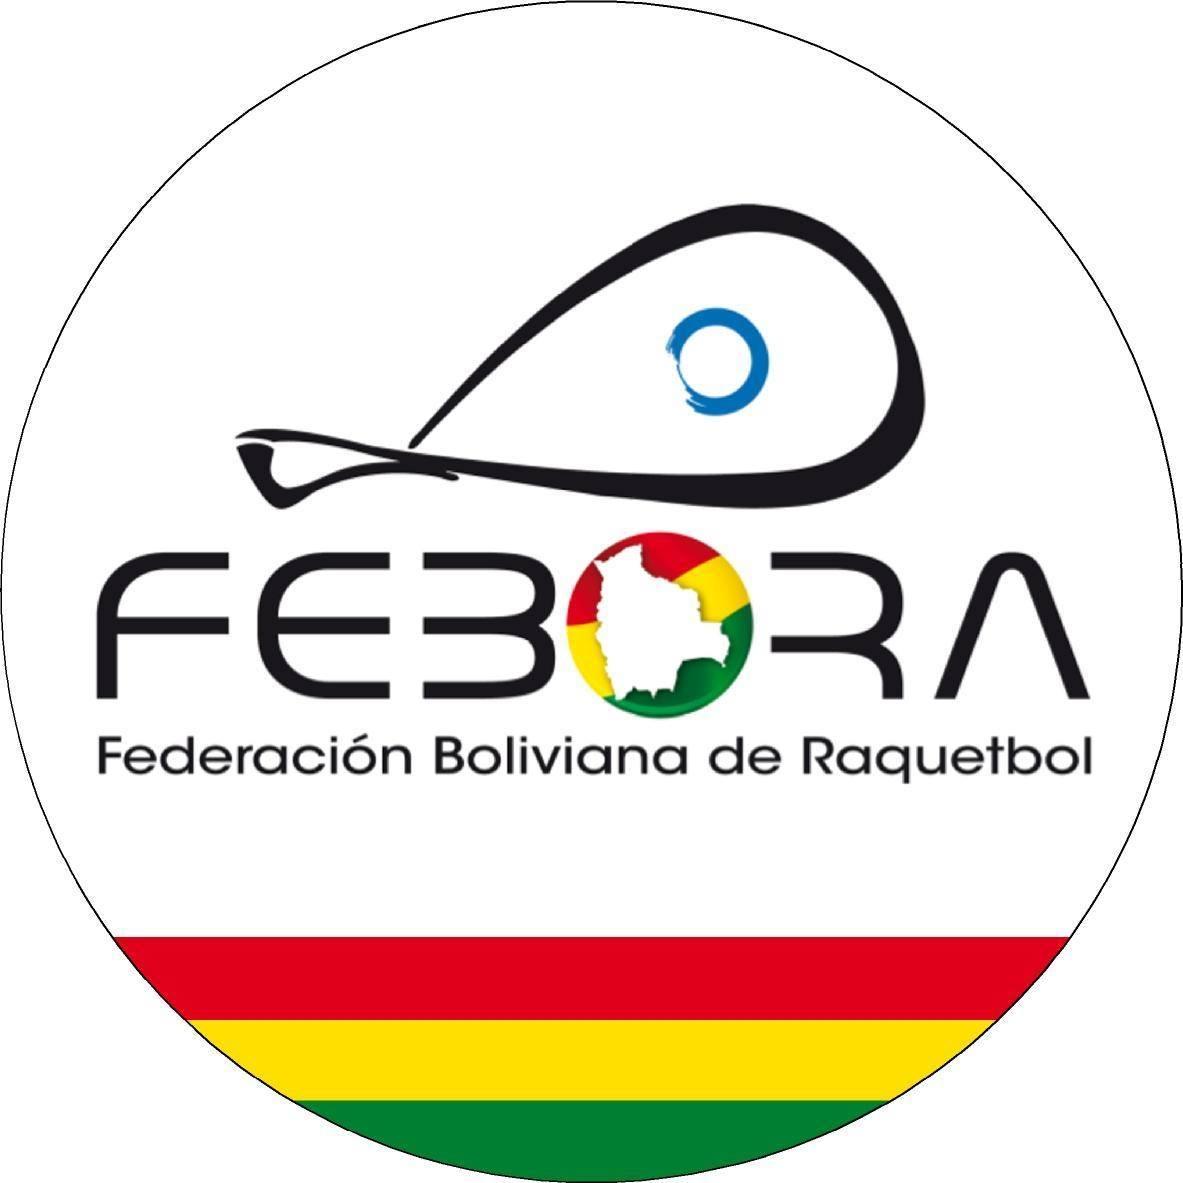 Federación Boliviana De Raquetbol - Febora